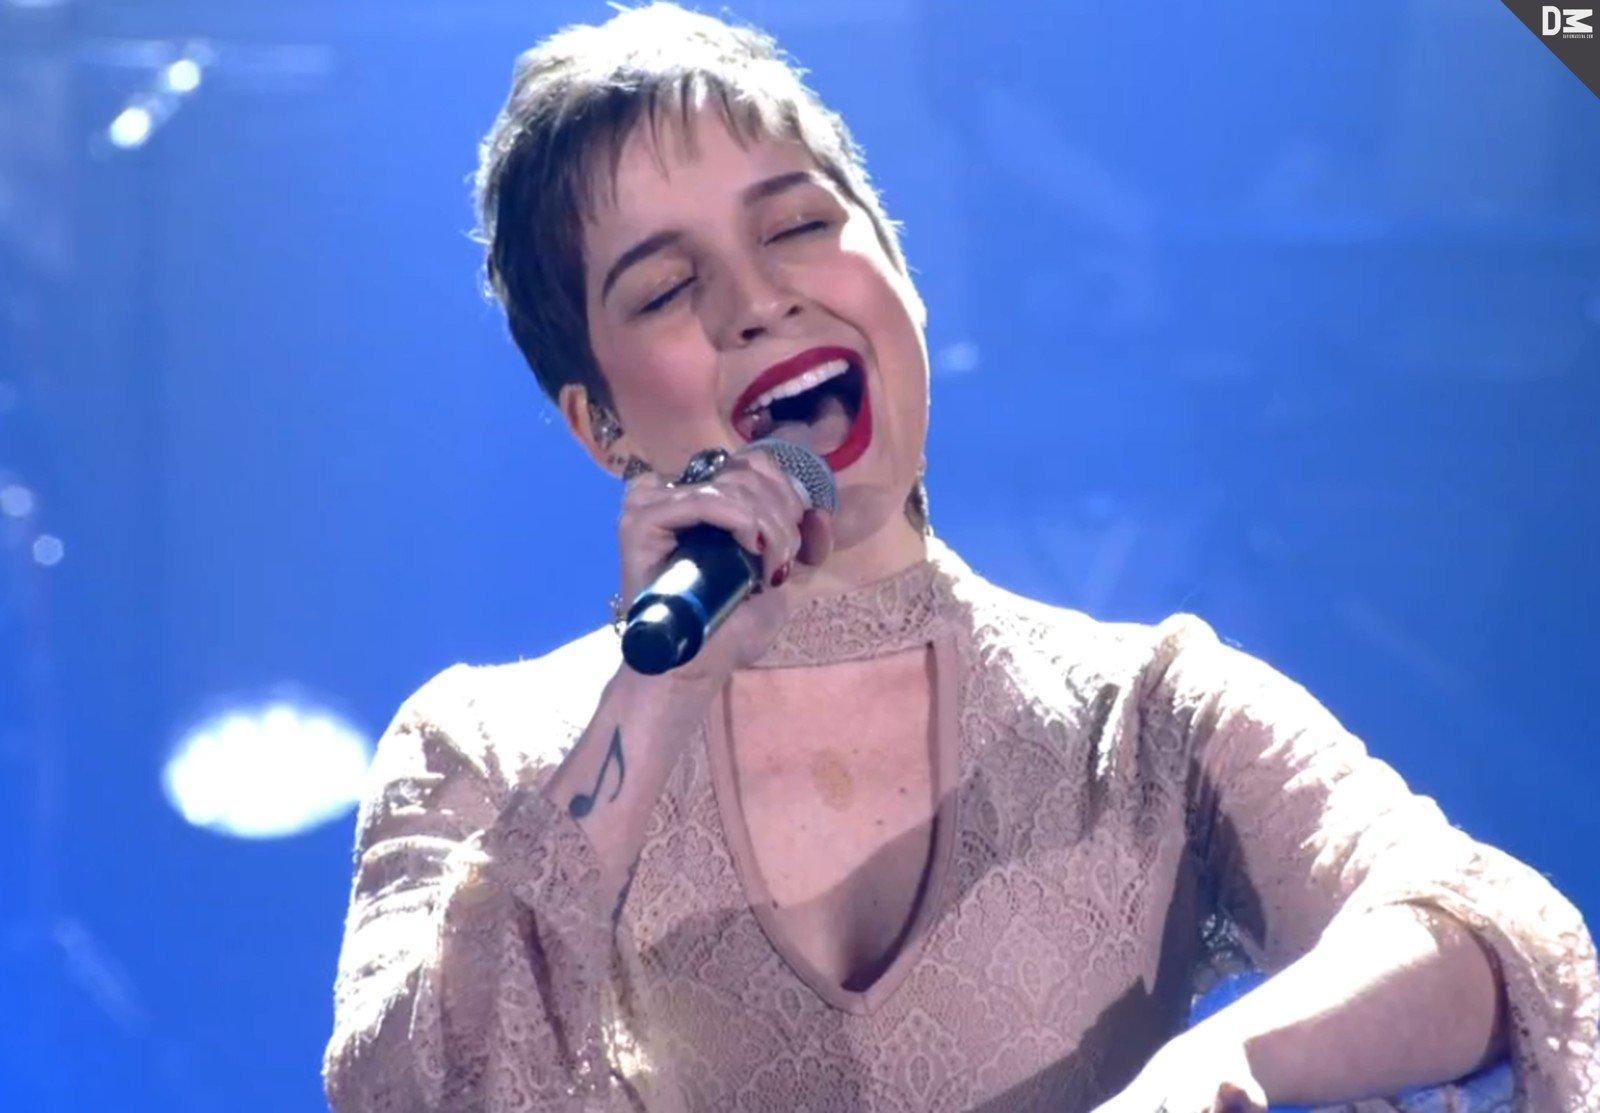 Tatila Krau segue no The Voice